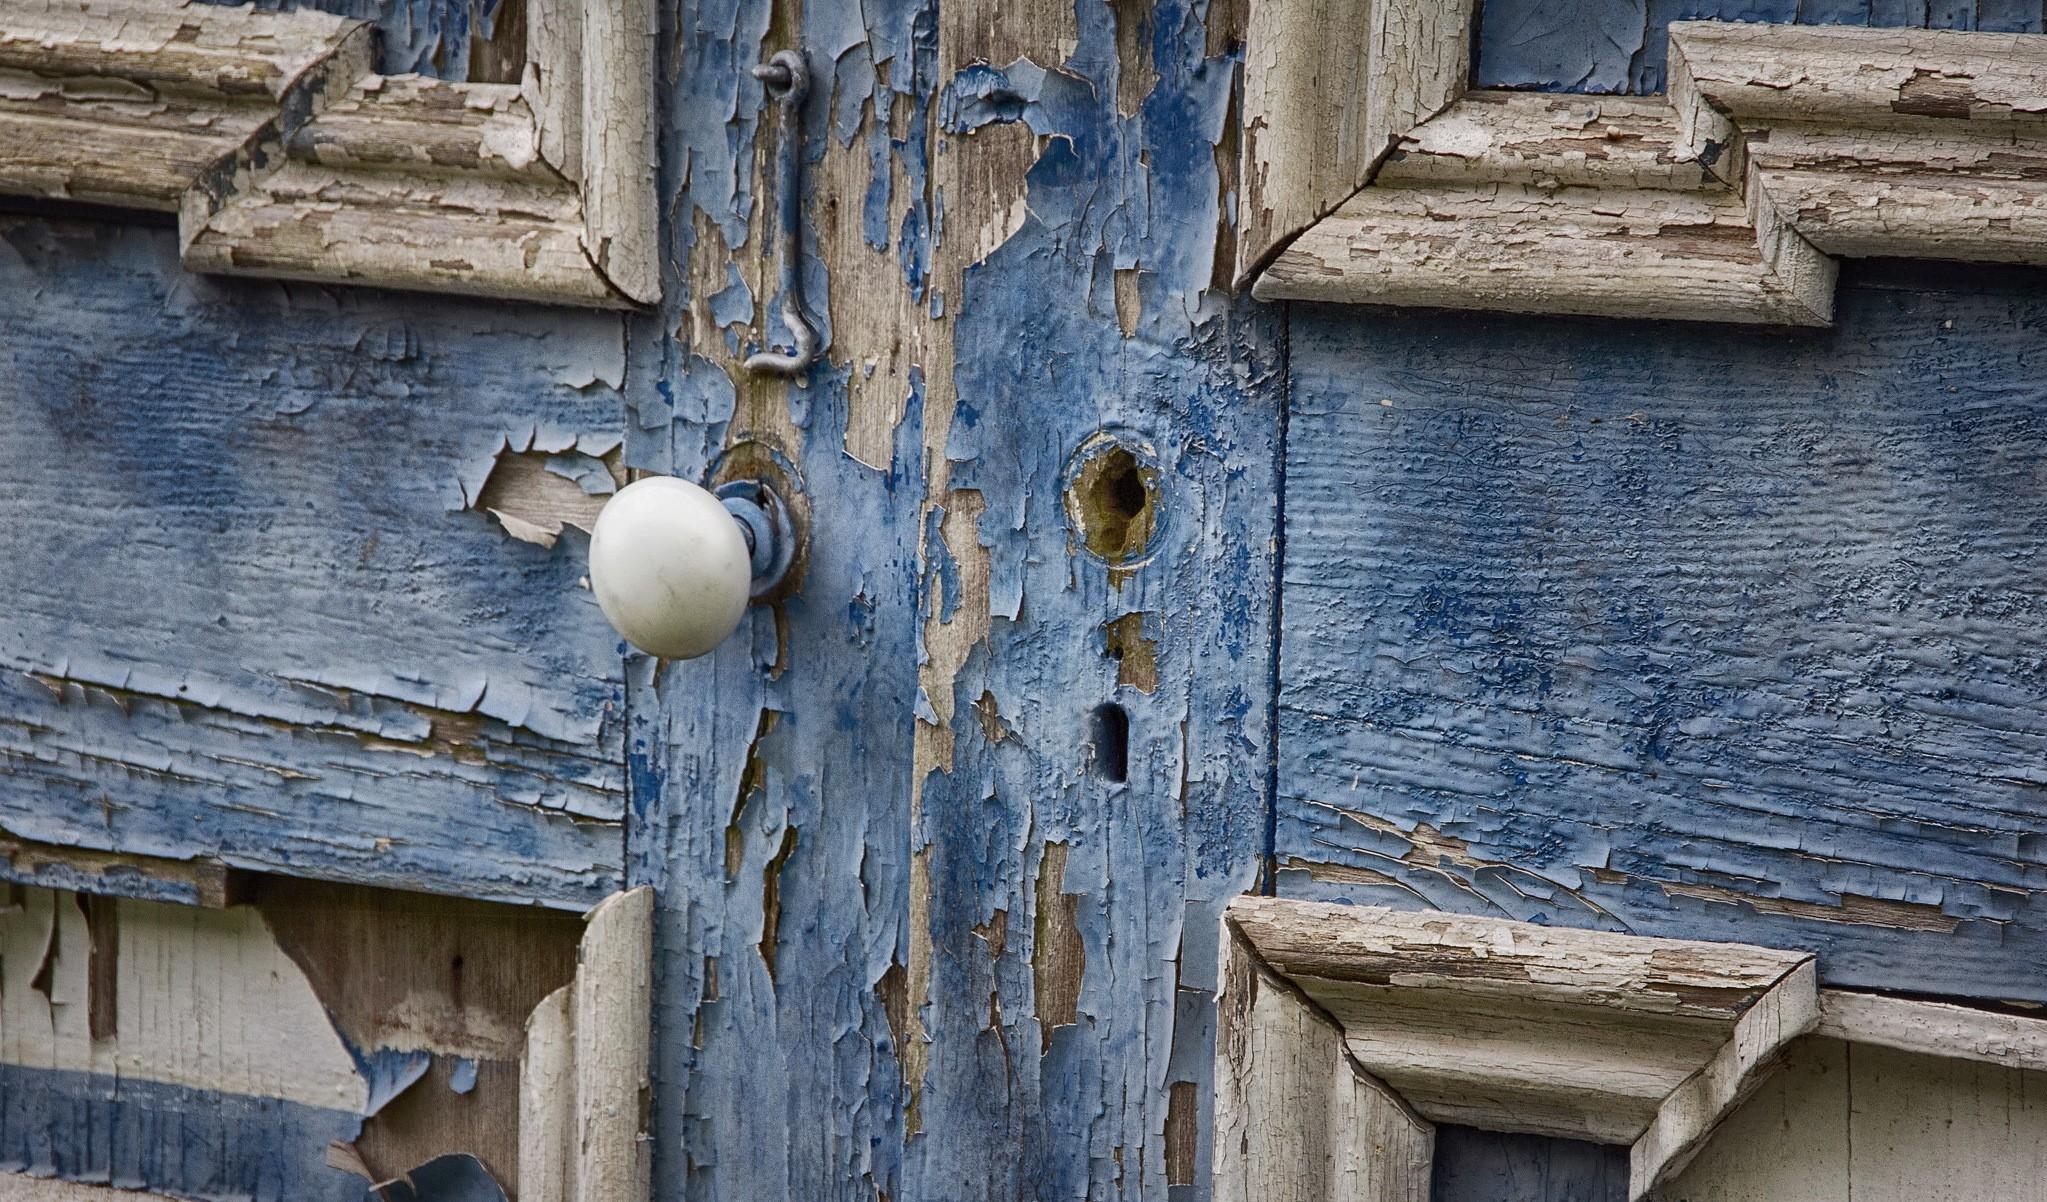 hintergrundbilder : fenster, die architektur, mauer, holz, haus